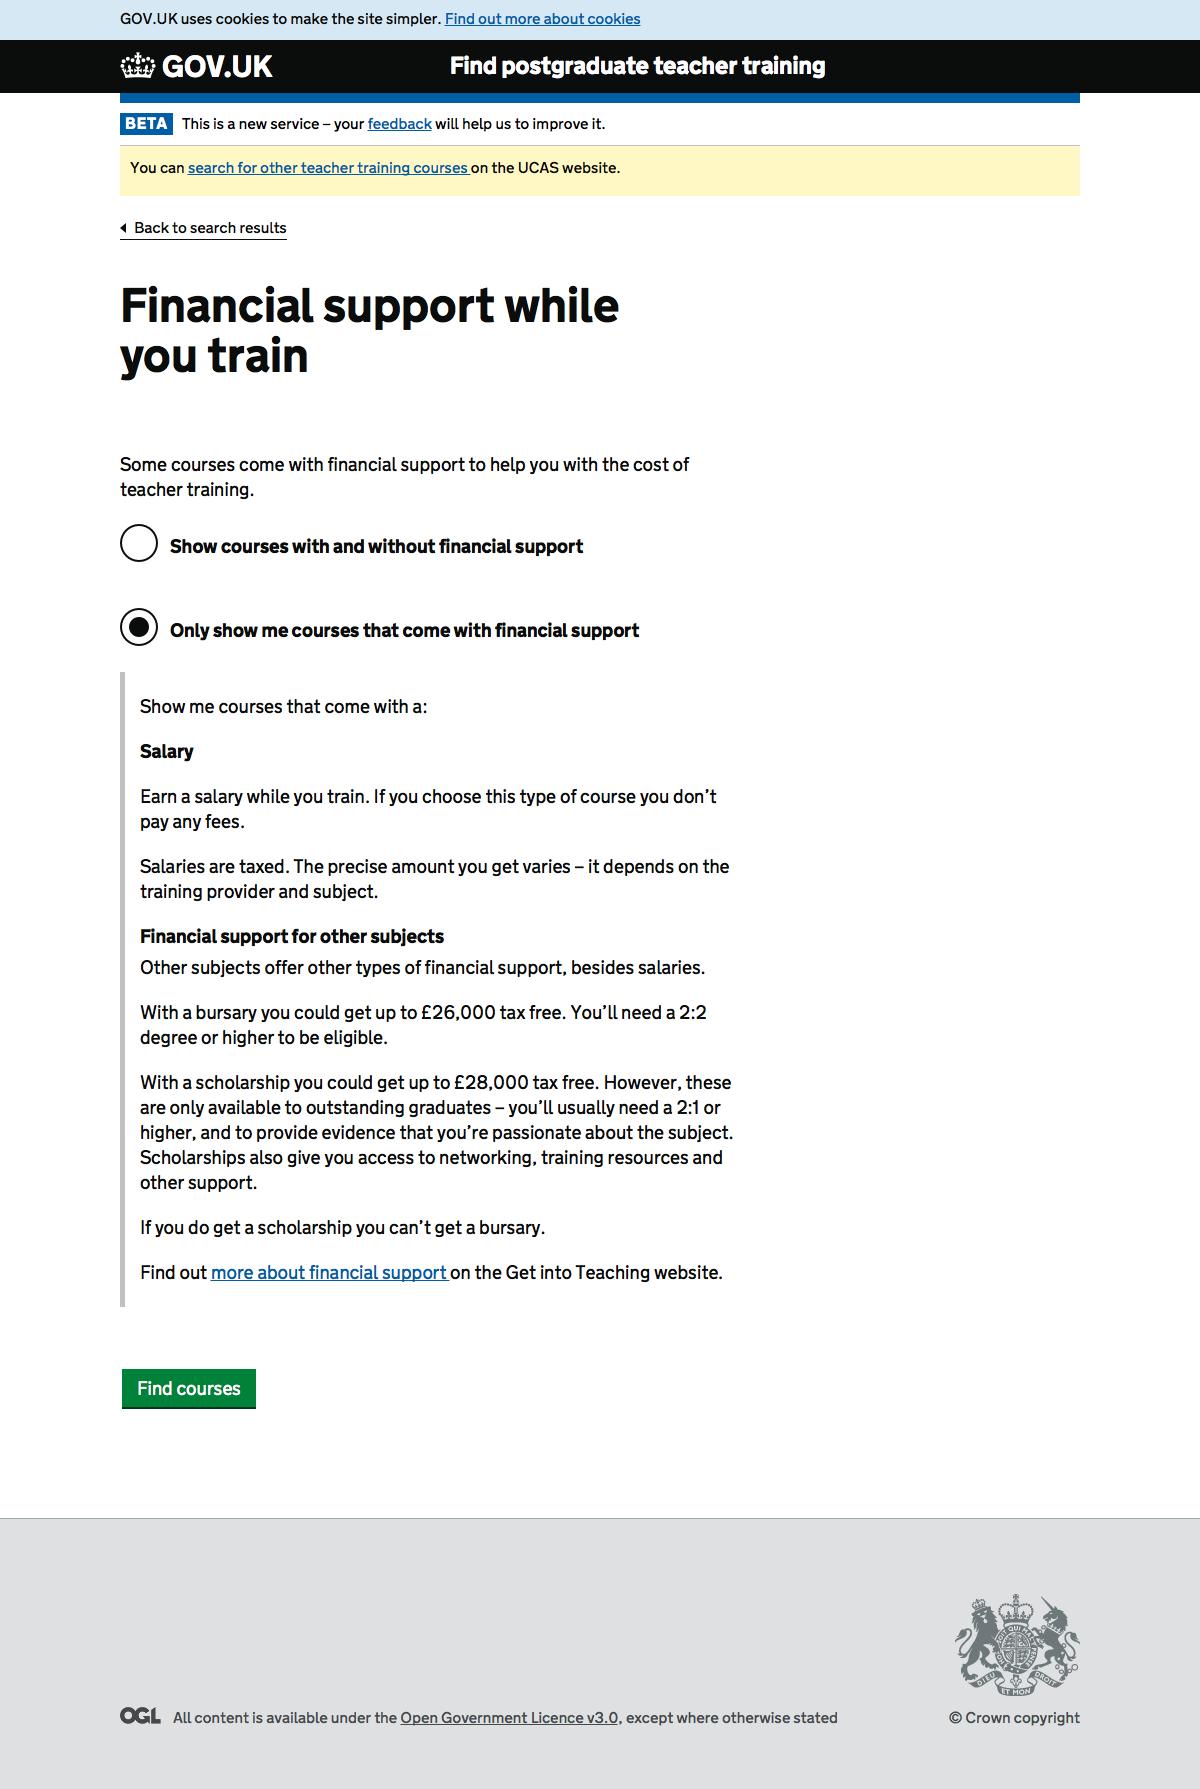 Screenshot of Financial support